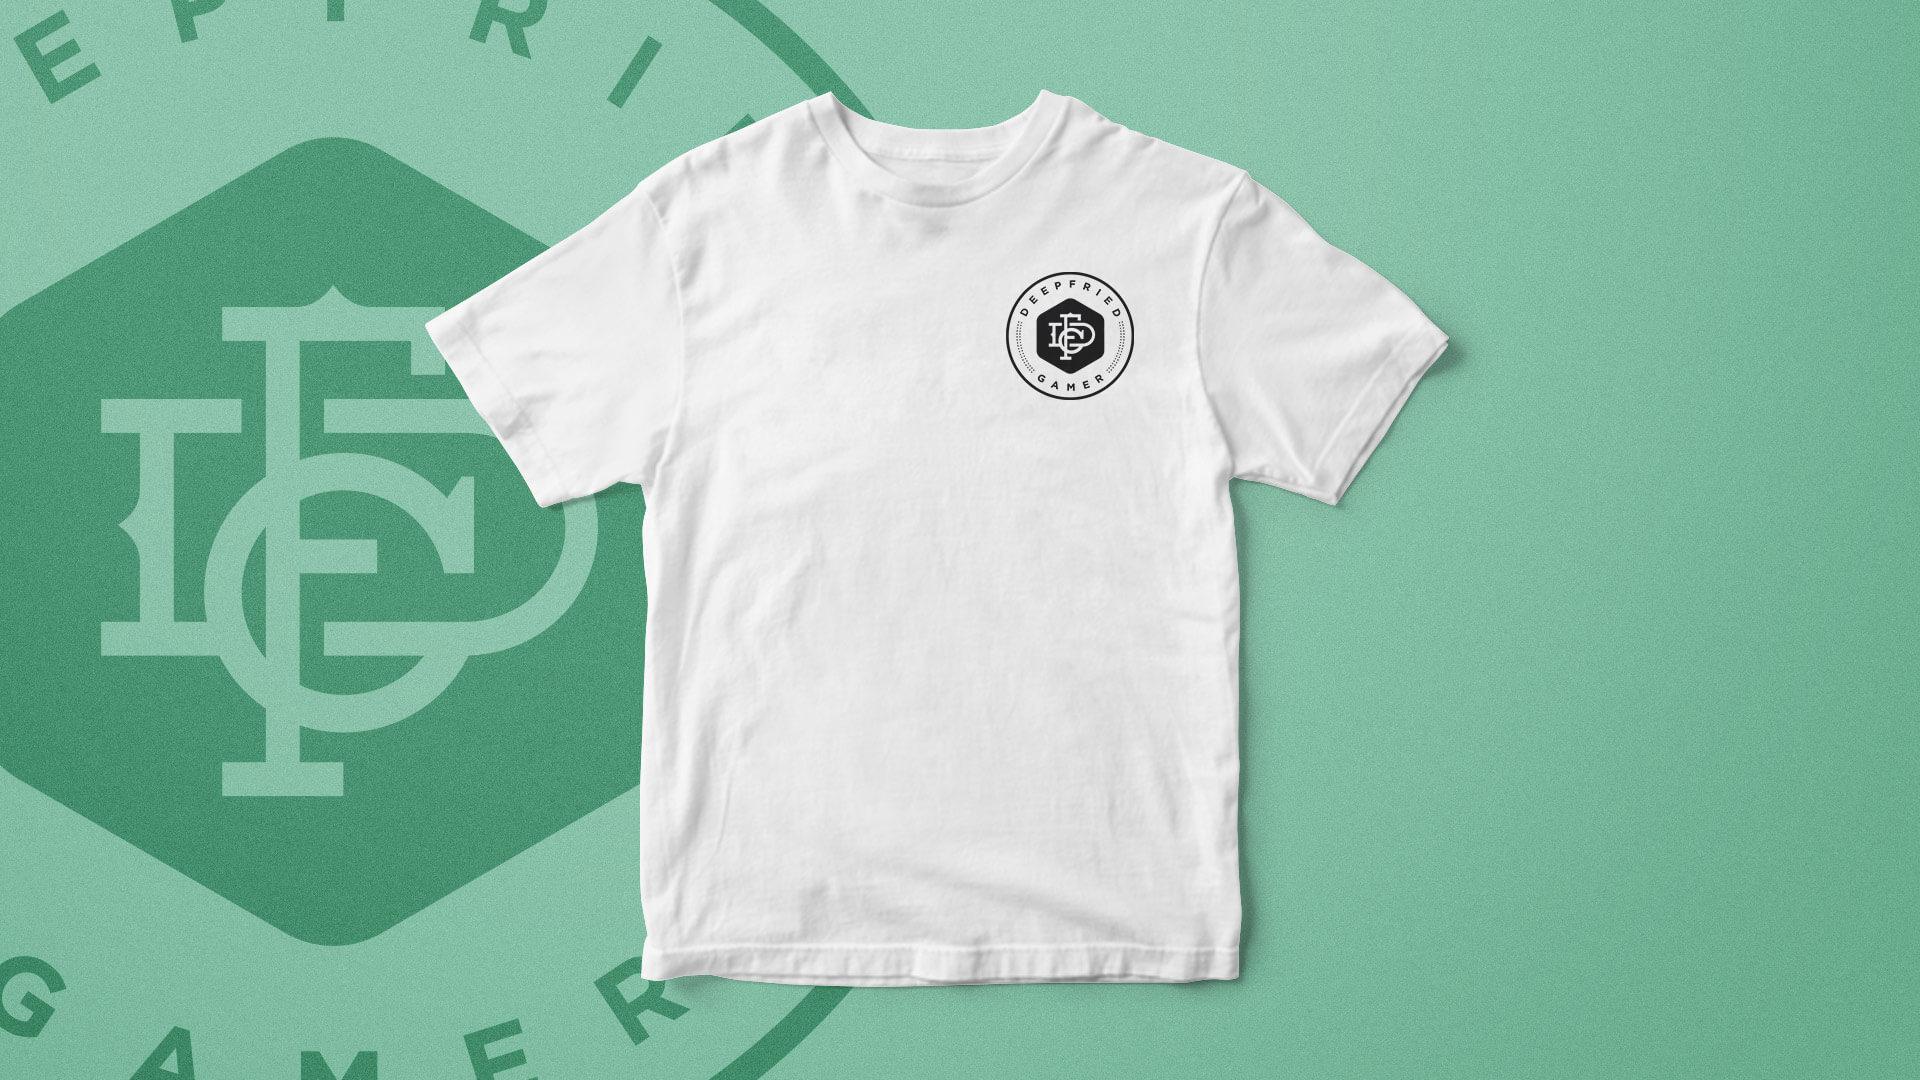 Deep Fried gamer logo applied to t-shirt